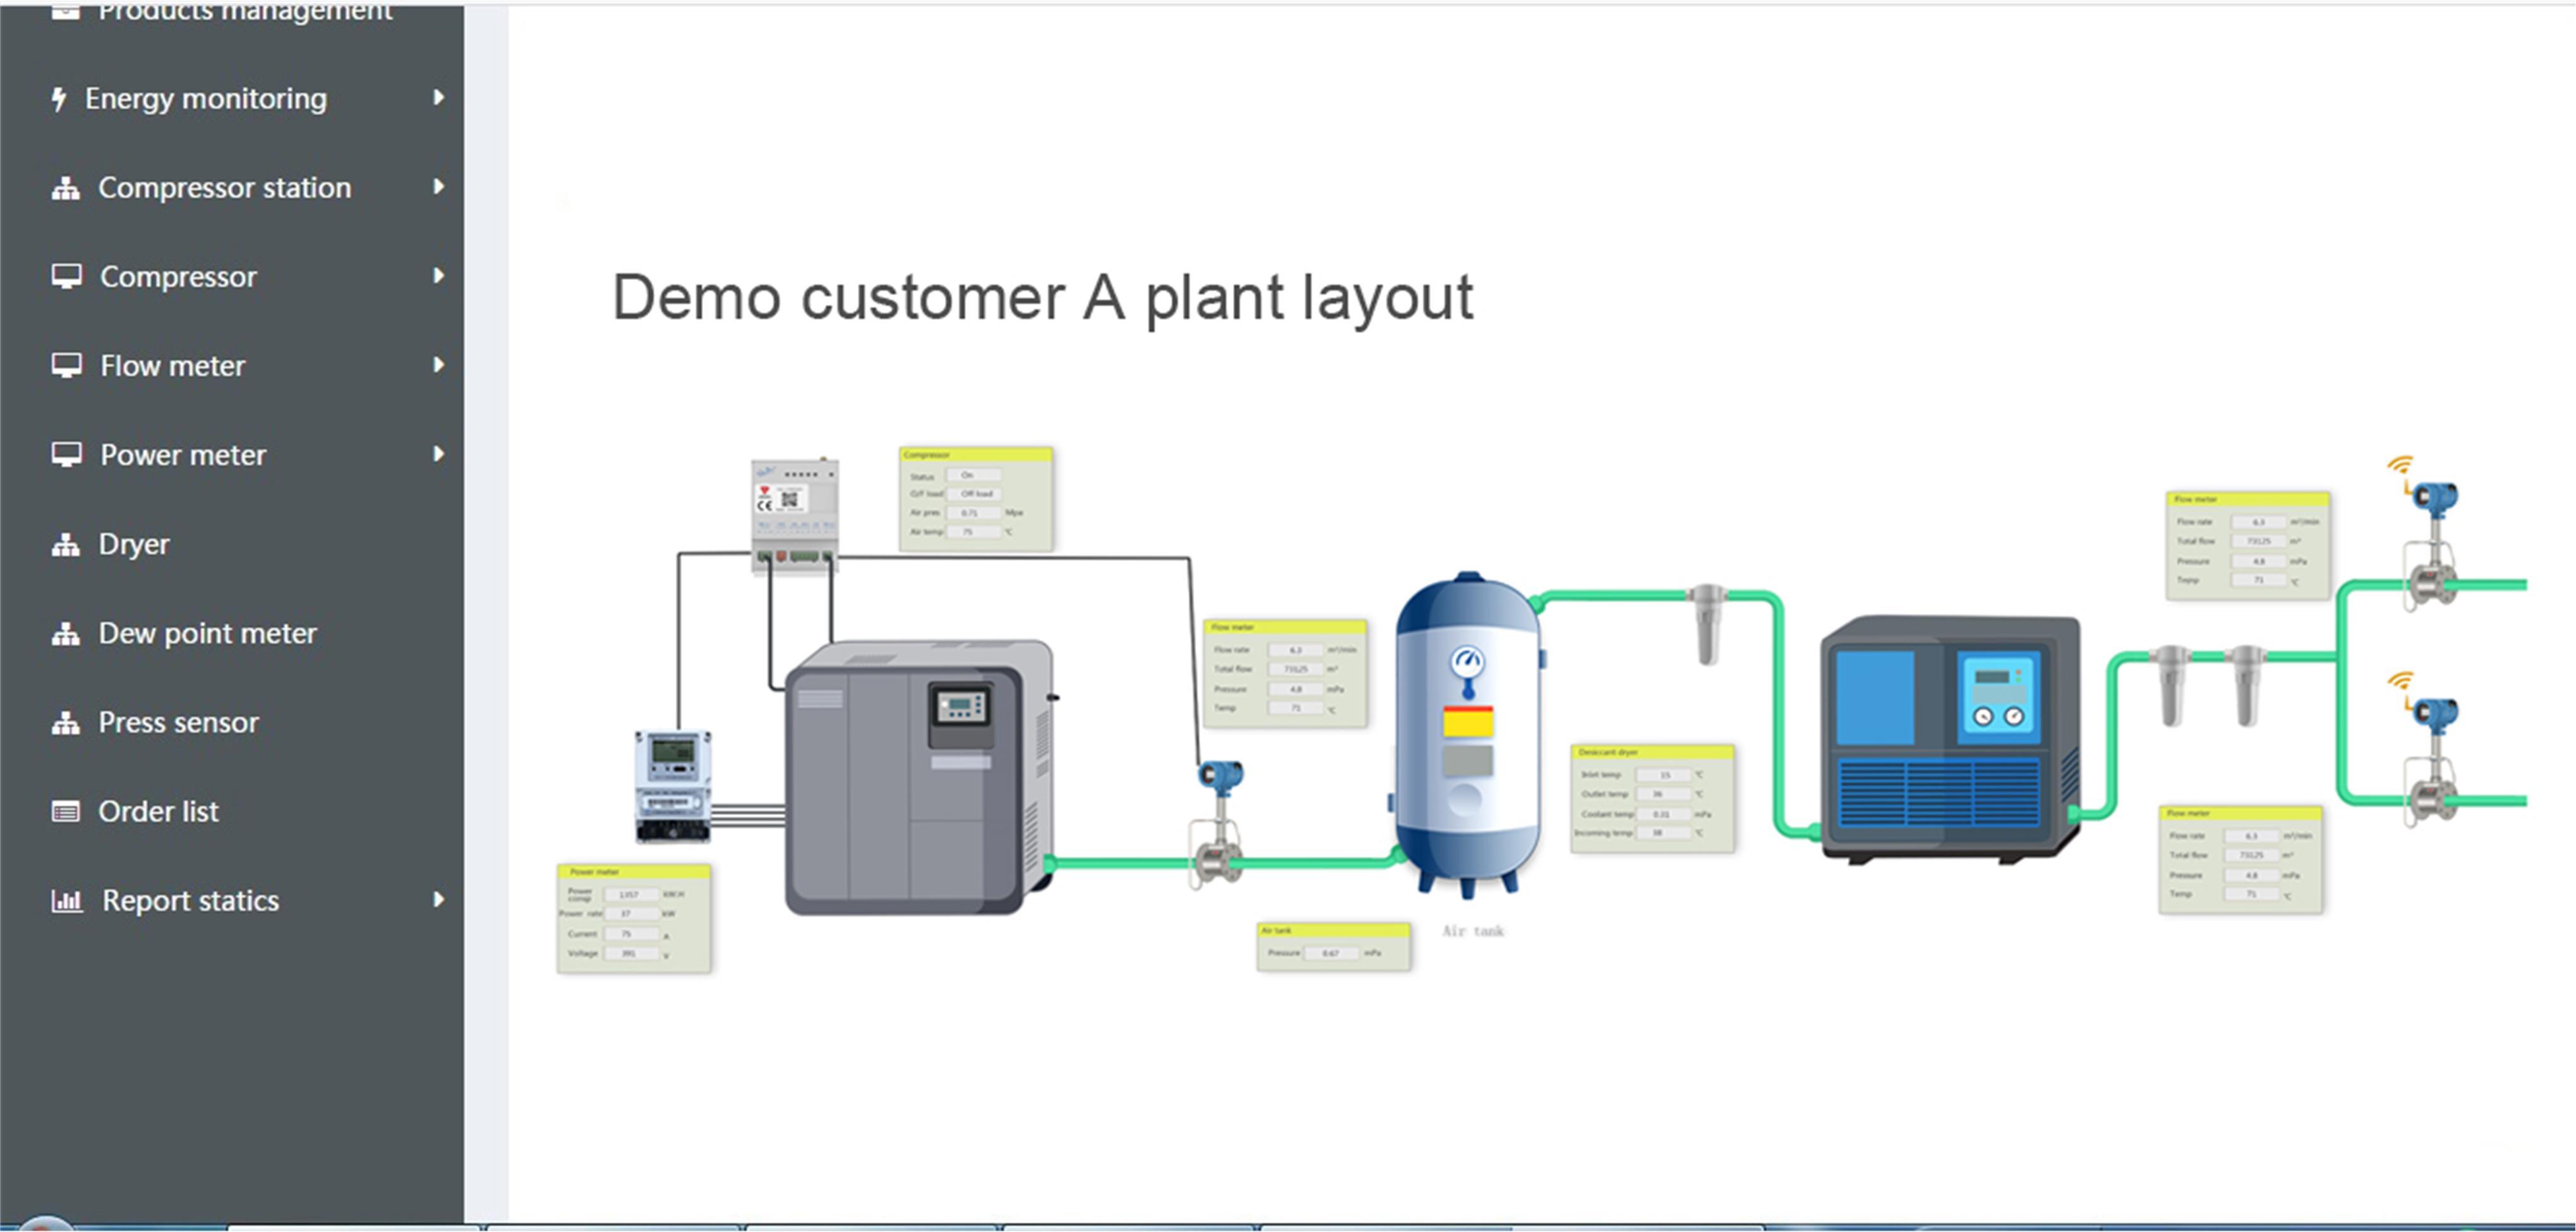 Comate compressor management CRM system